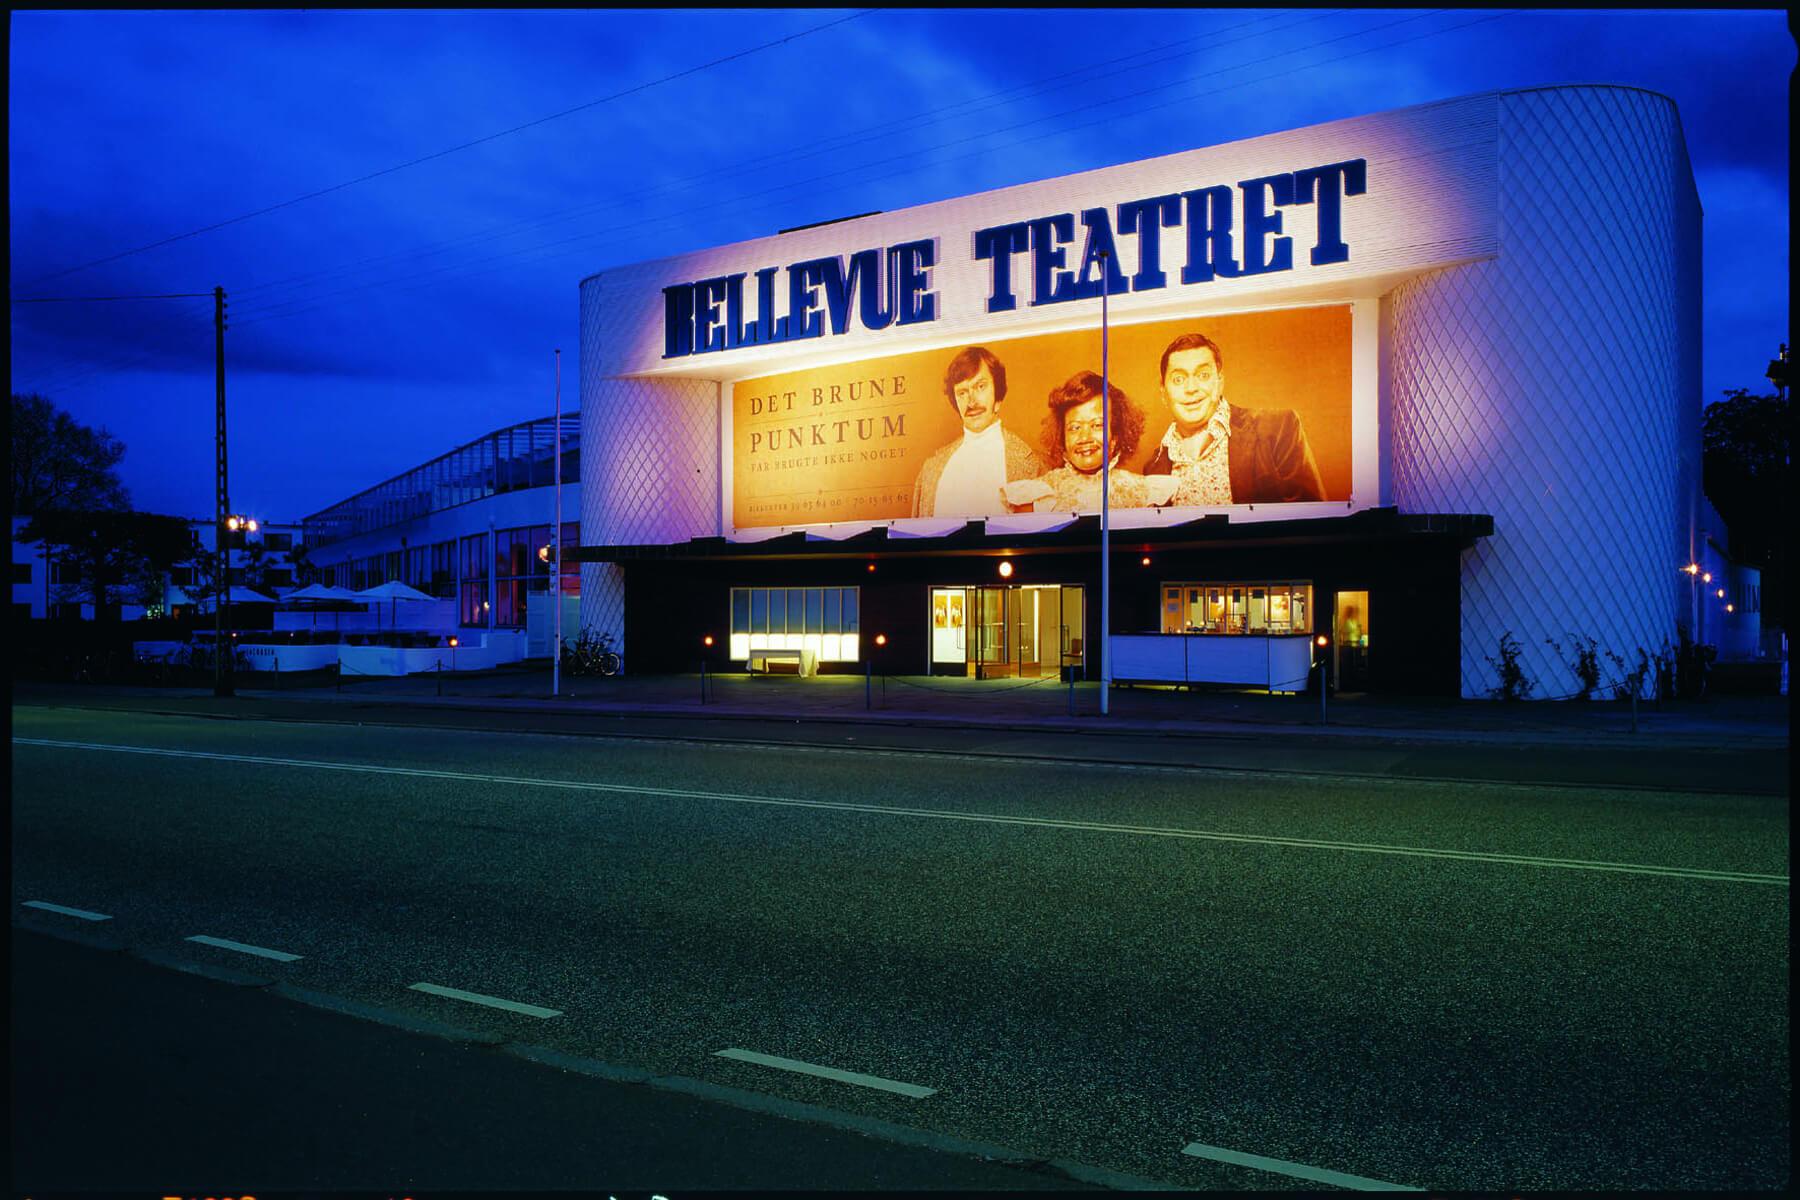 bellevue teater klampenborg